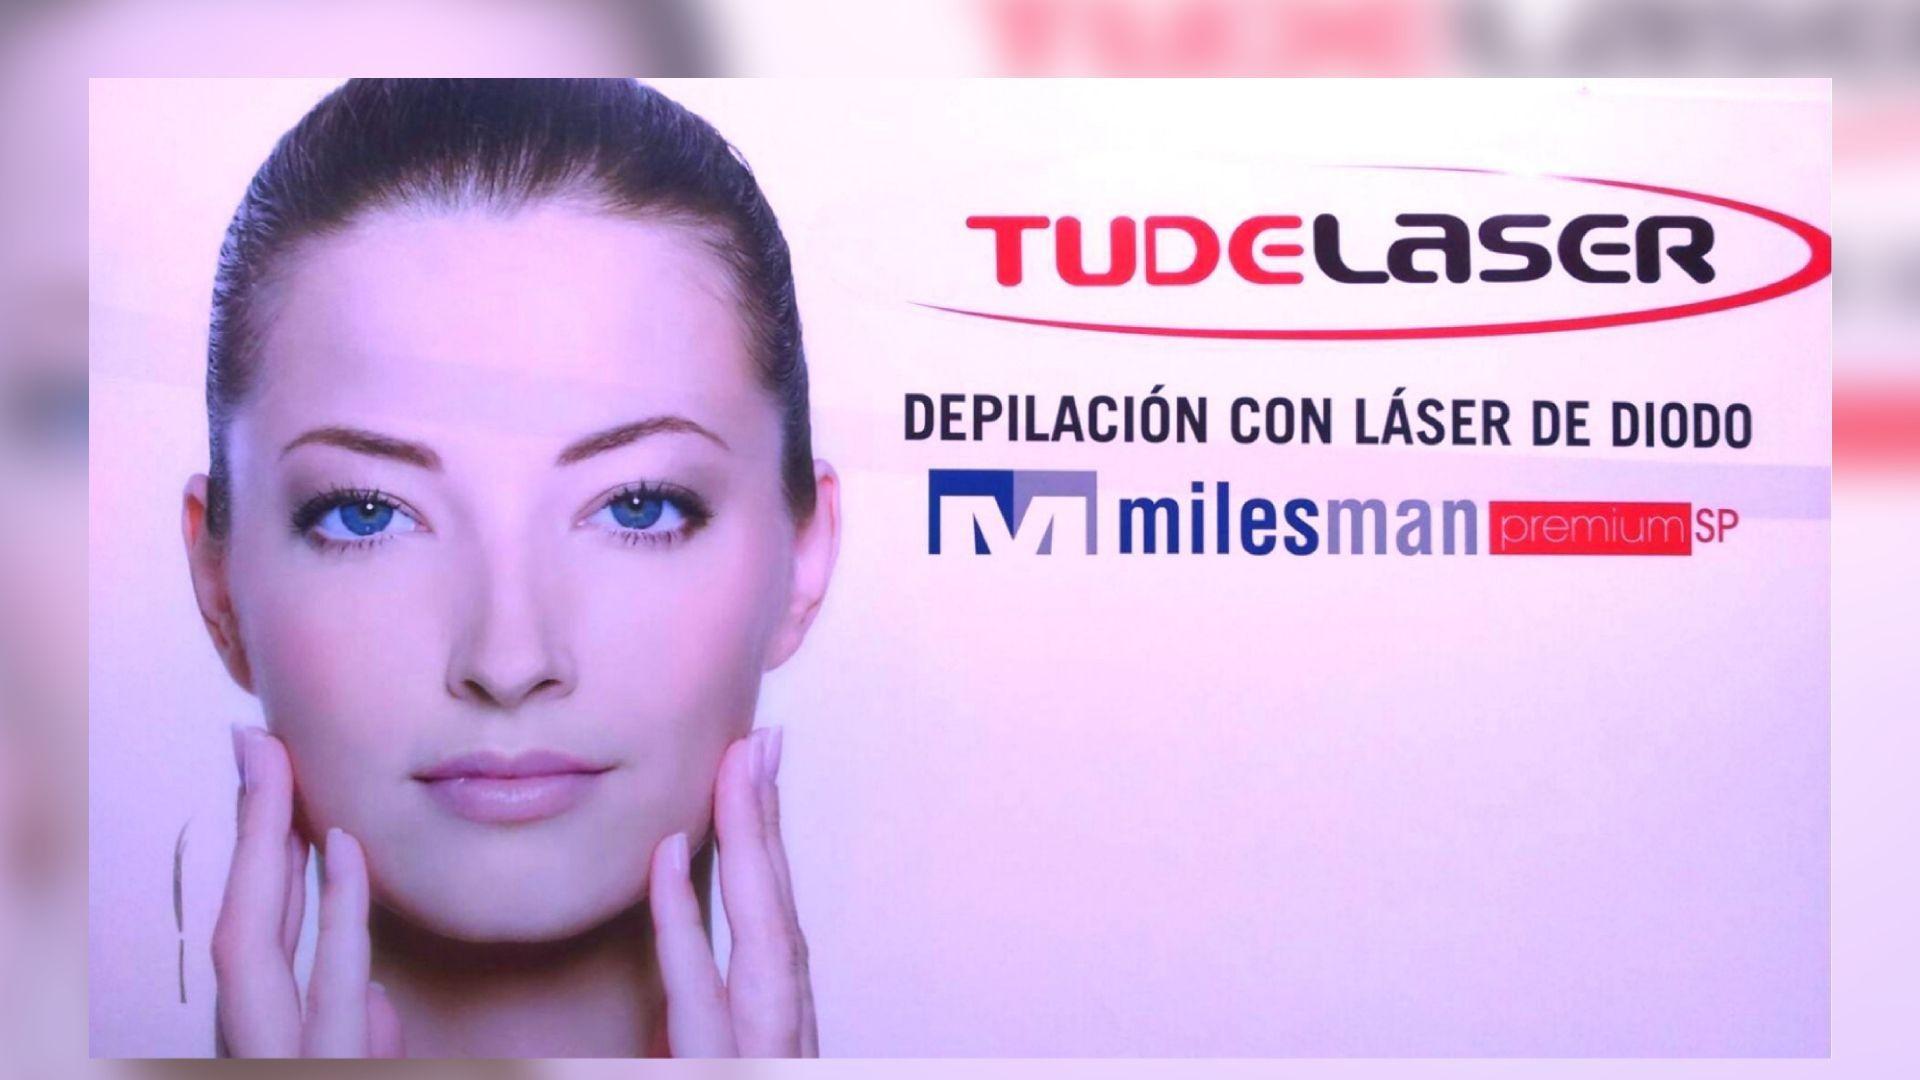 Depilación con láser Médico de Diodo en Tudela